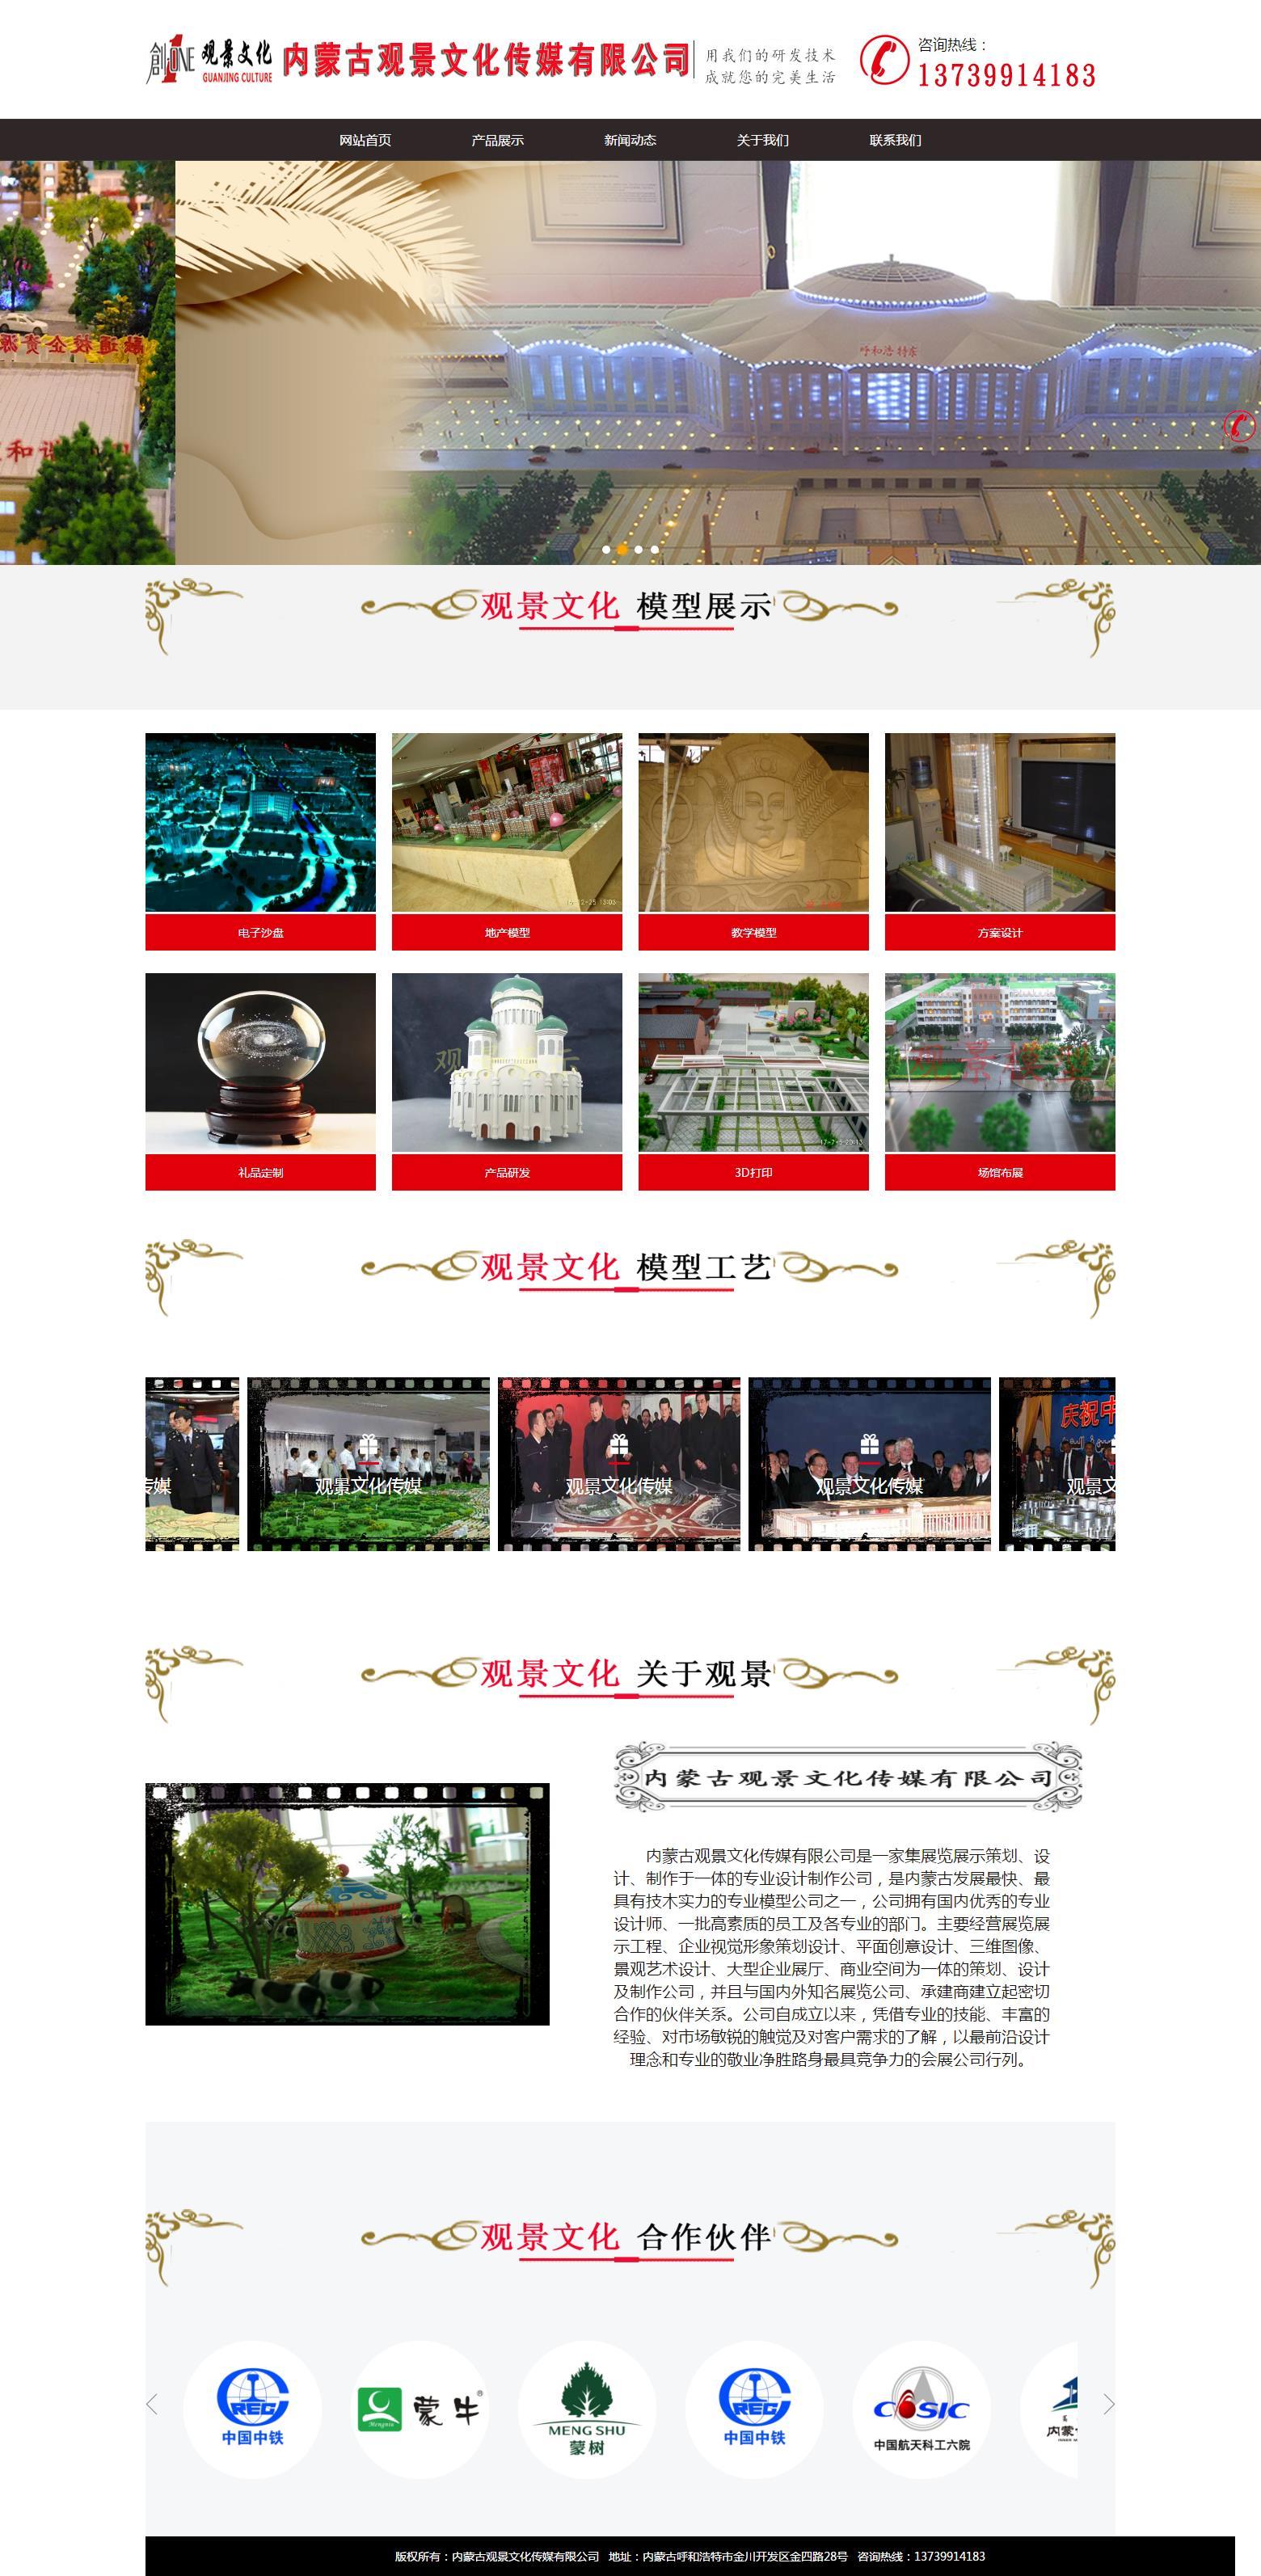 易胜博ysb248网址-内蒙古观景文化传媒有限公司